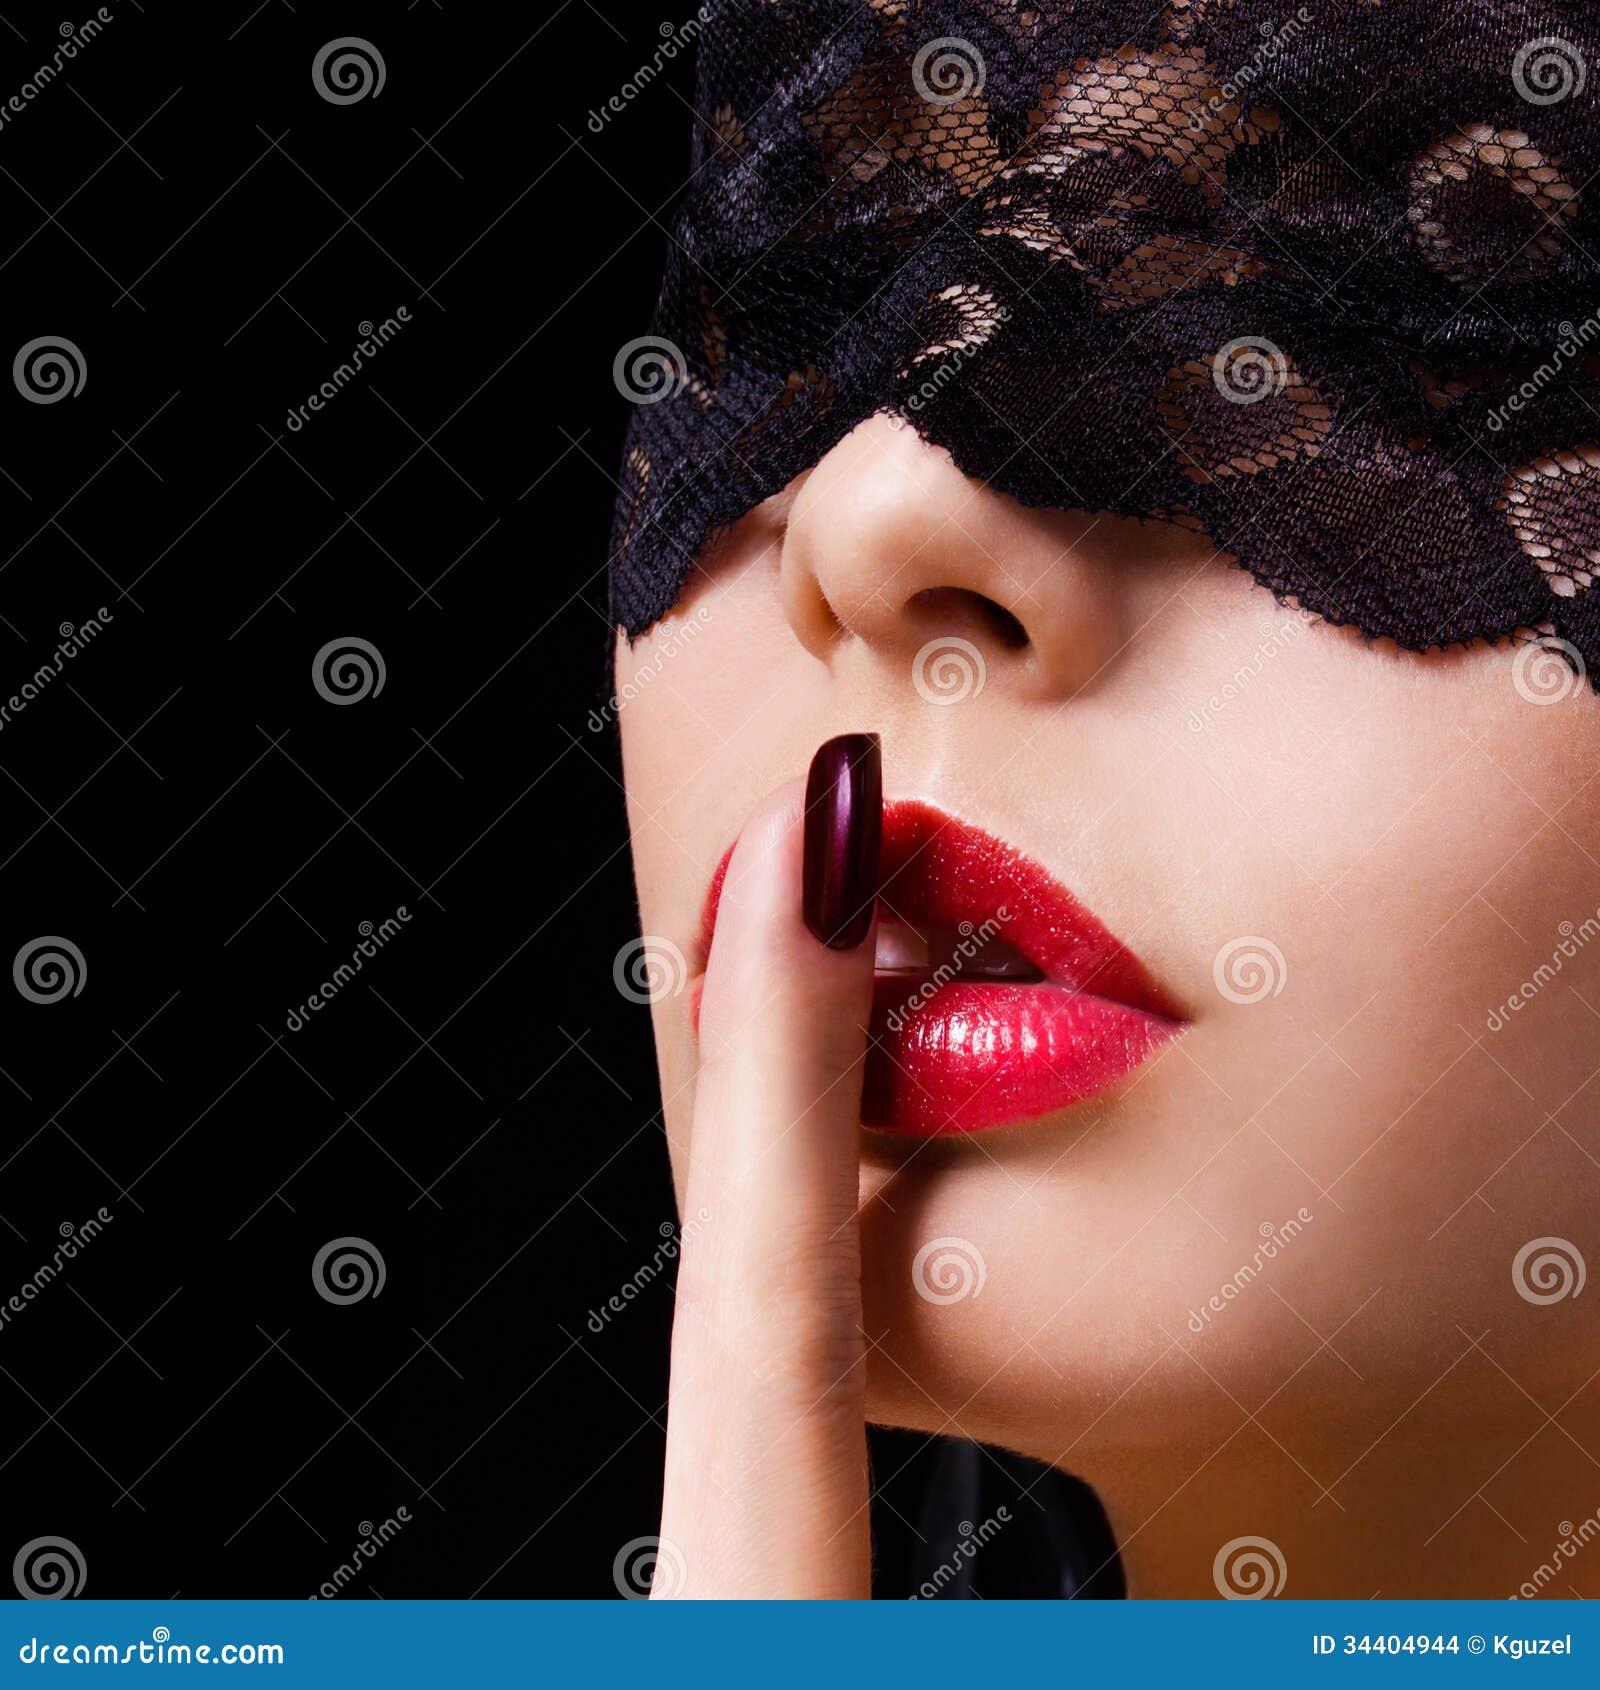 Παύση. Προκλητική γυναίκα με το δάχτυλο στα κόκκινα χείλια της που παρουσιάζουν shush. Ερωτικό κορίτσι με τη μάσκα δαντελλών πέρα